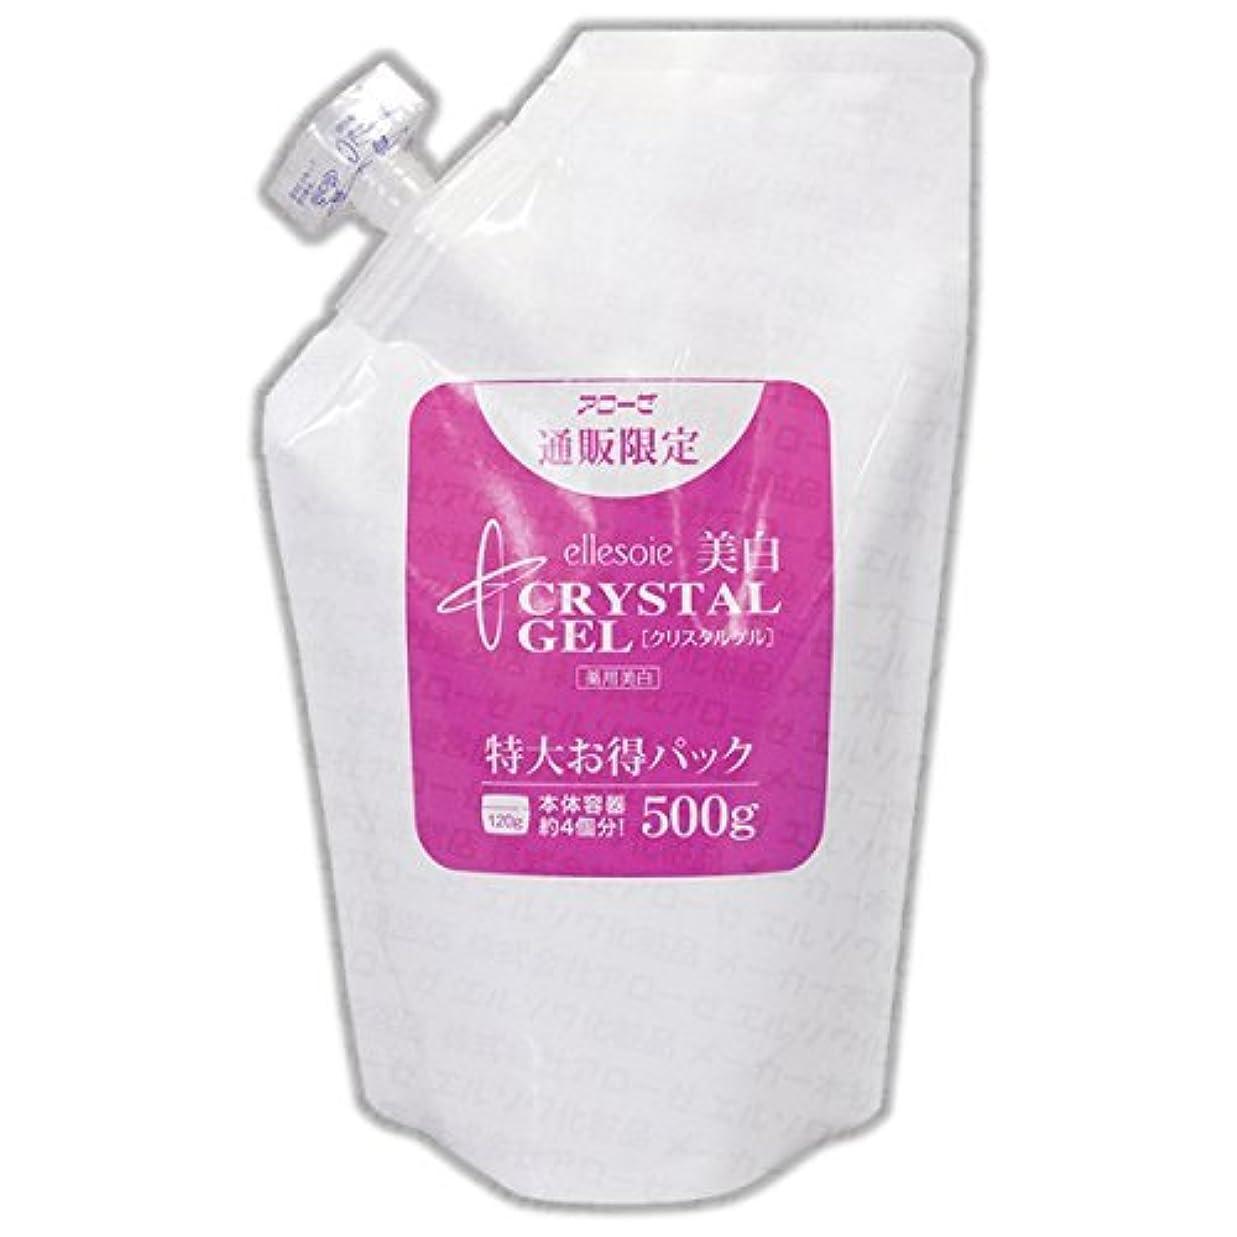 求めるそれに応じて経験的エルソワ化粧品(ellesoie) クリスタルゲルS 詰替用500g 保存用キャップ付 薬用美白オールインワン